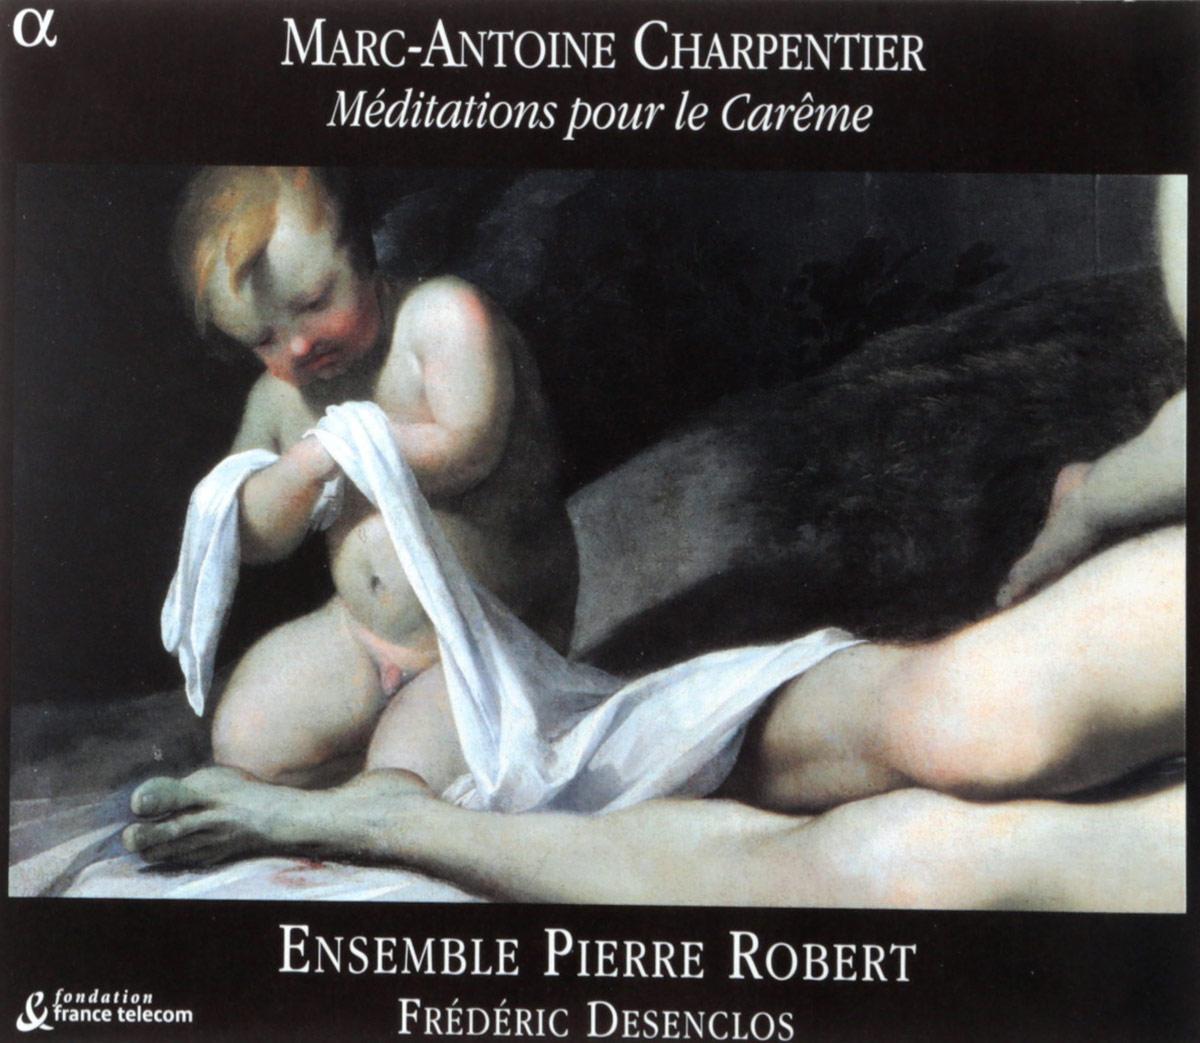 VARIOUS. CHARPENTIER, M.-A./MEDITATIONS POUR LE CAREME/ENSEMBLE PIERRE ROBERT/ FREDERIC DESENCLOS. 1